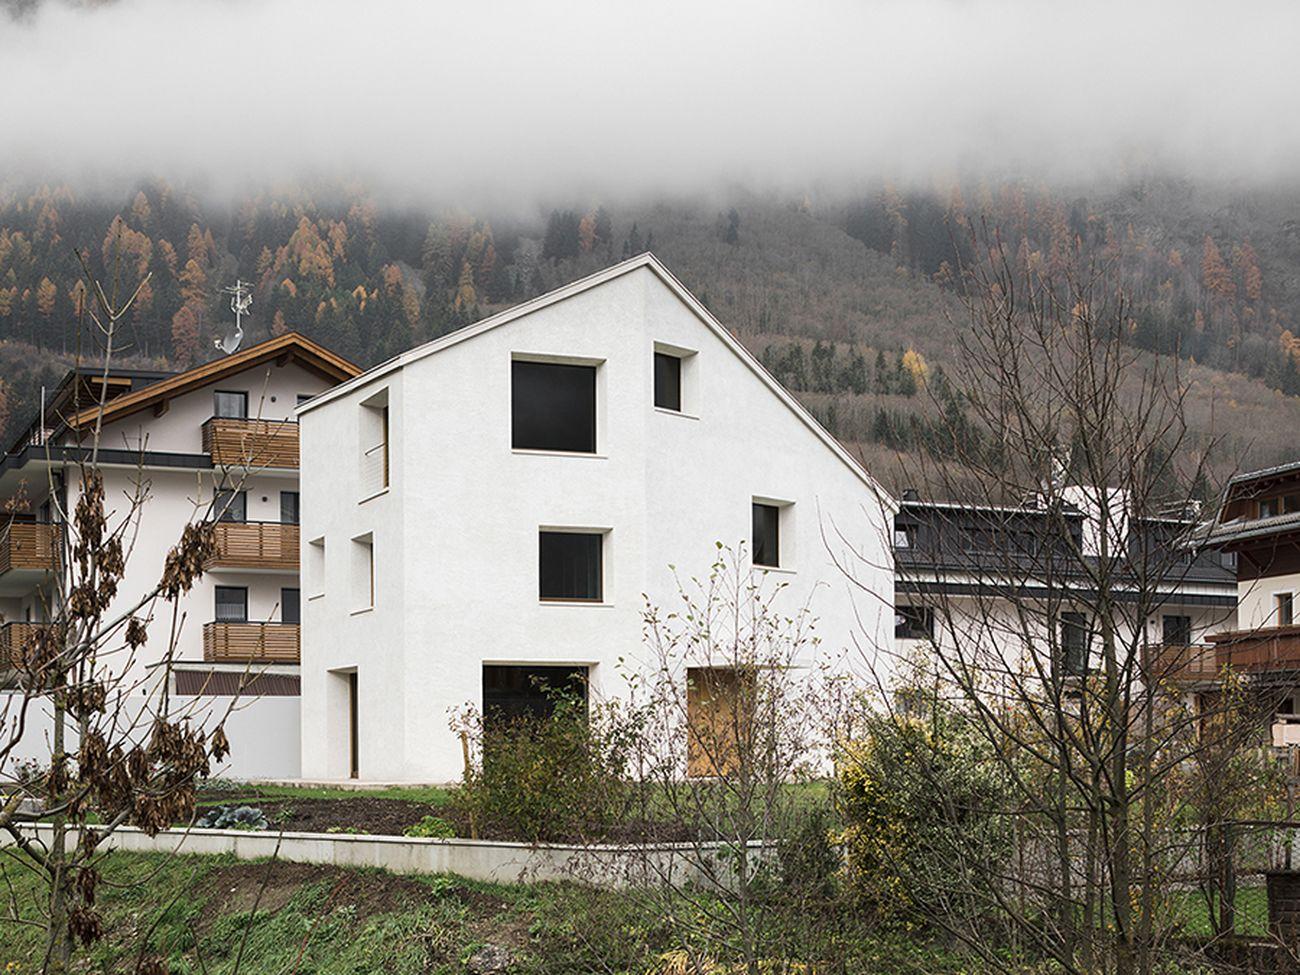 Pedevilla Architekts, Casa al Rio Molino. Photo Perbellini. Courtesy Fondazione dell'Ordine degli Architetti di Bolzano